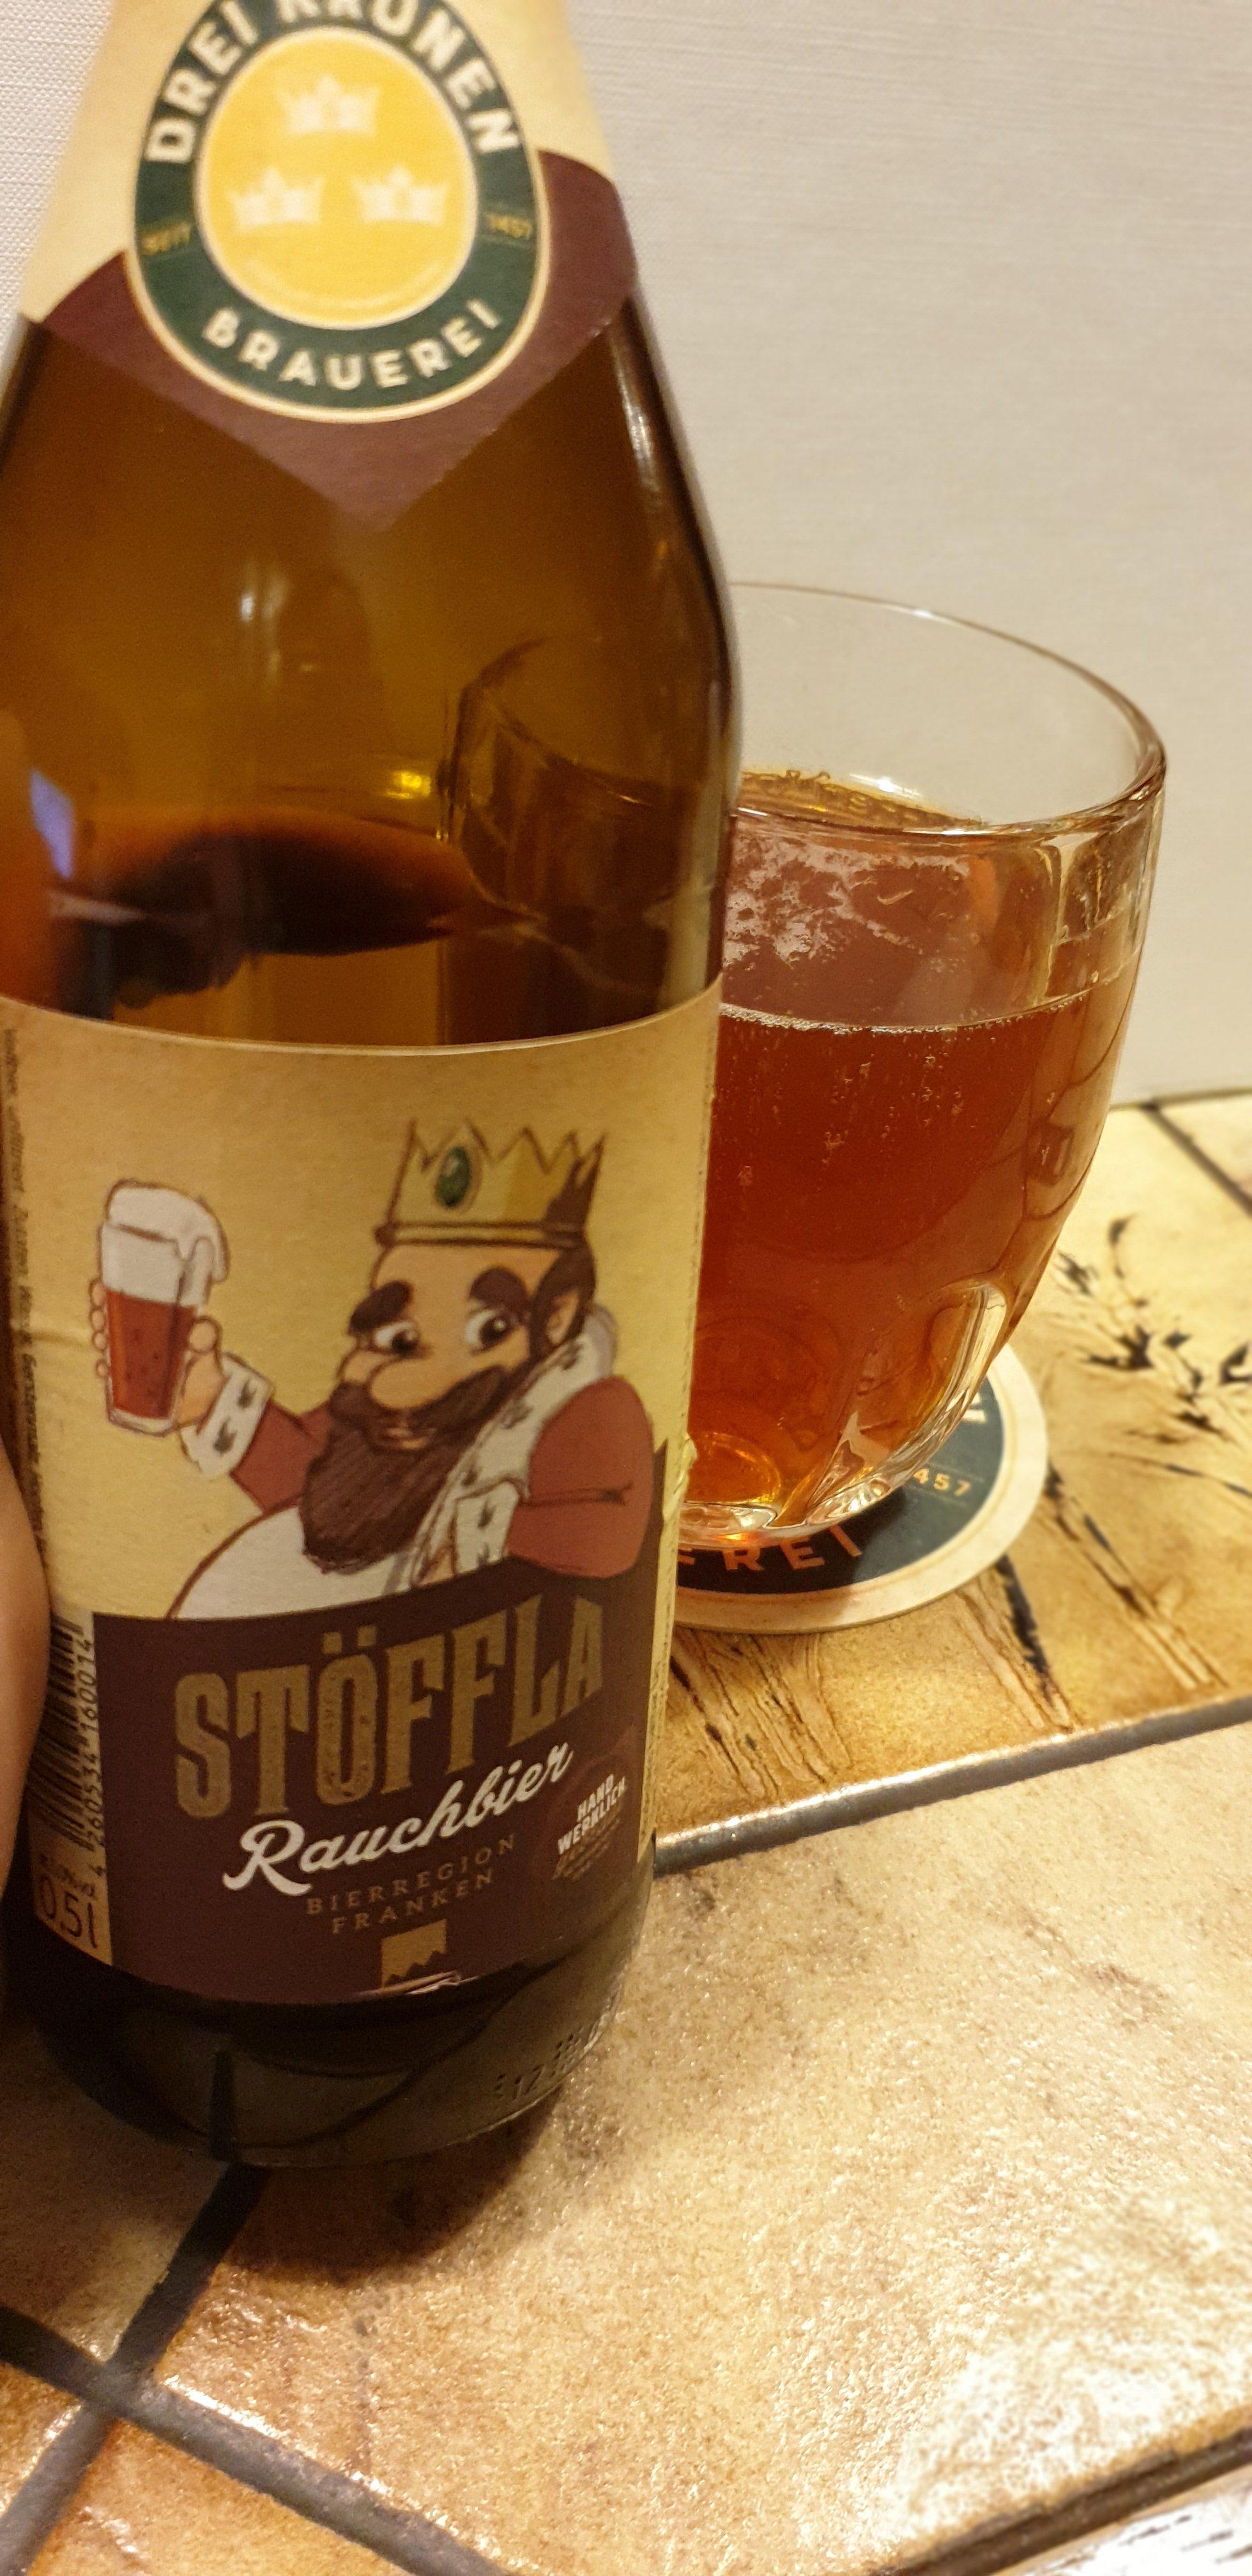 Biertestserie Oberfranken: Brauerei Drei Kronen – Stöffla Rauchbier